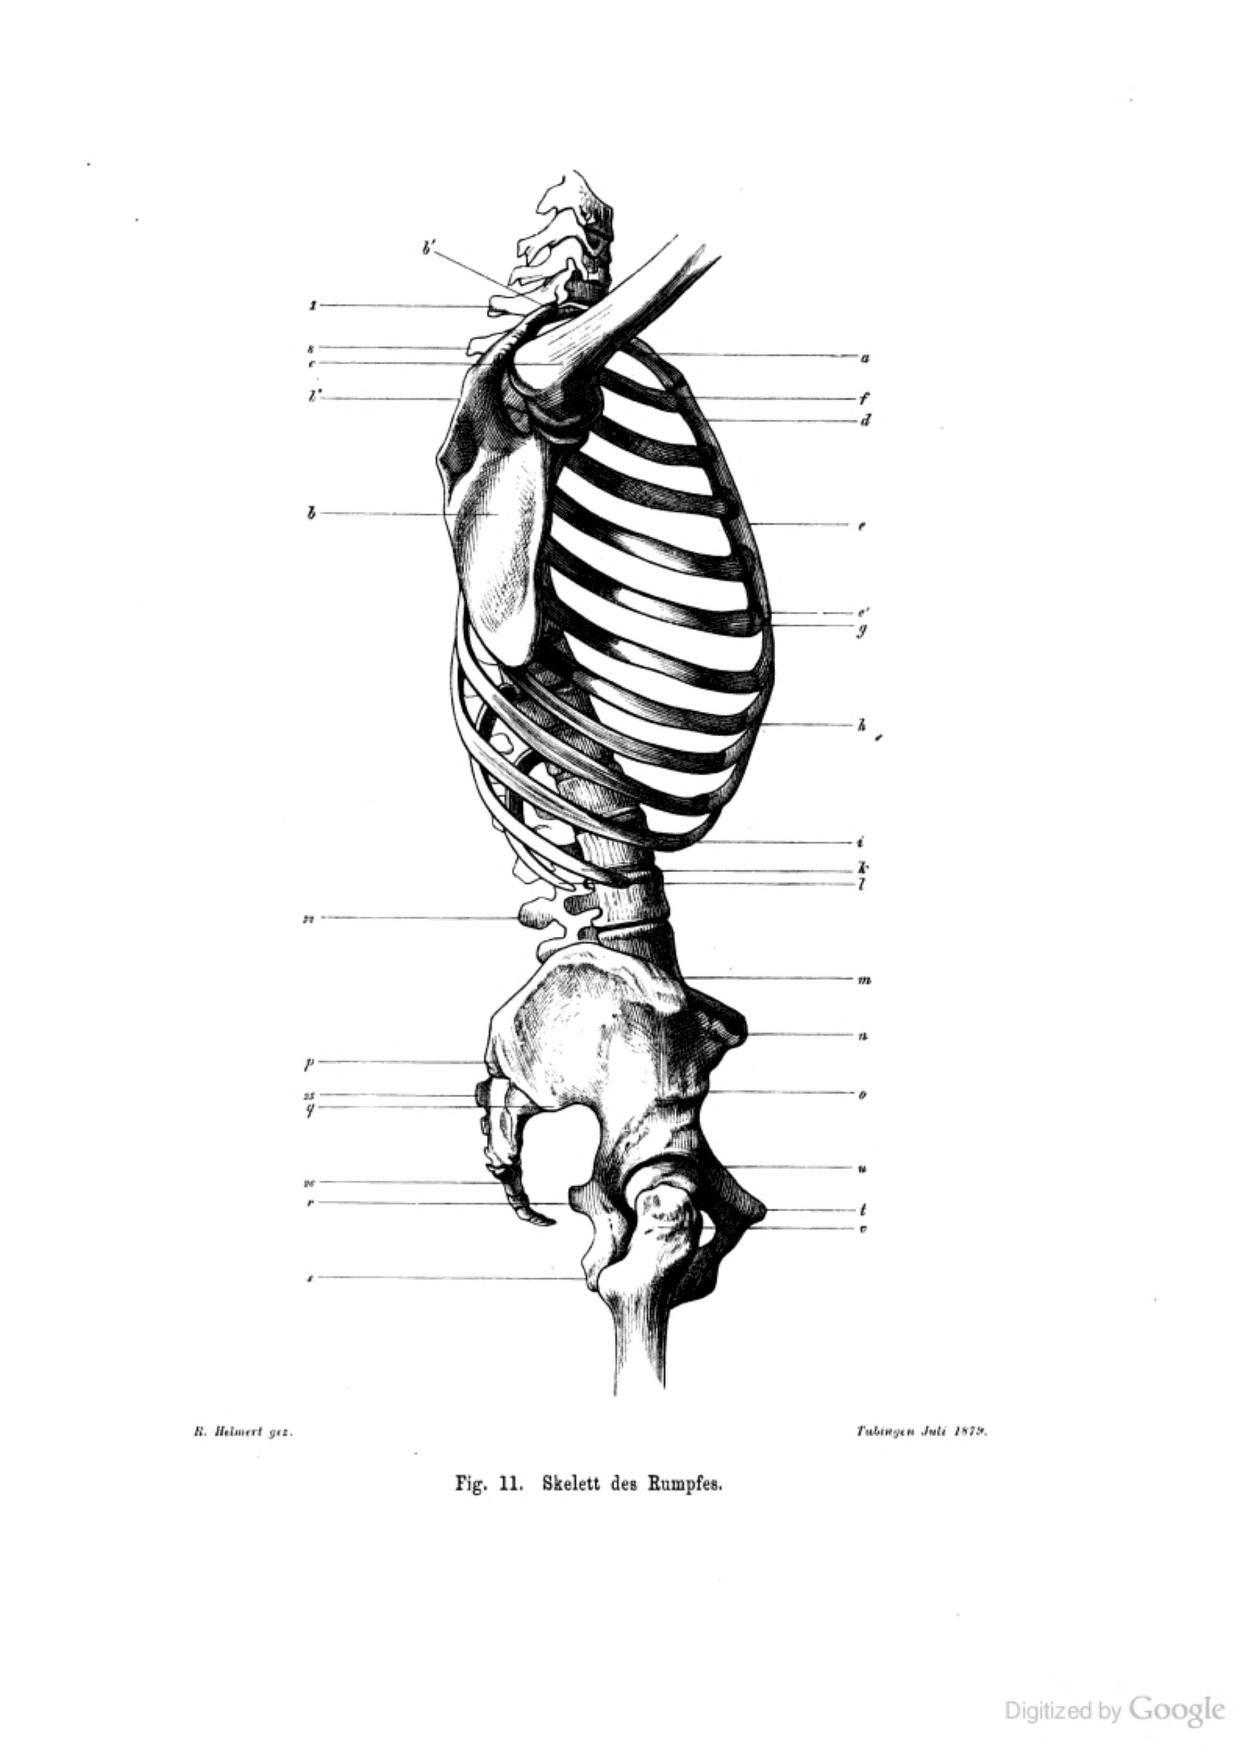 Großzügig Anatomie Referenzen Für Künstler Galerie - Anatomie Ideen ...